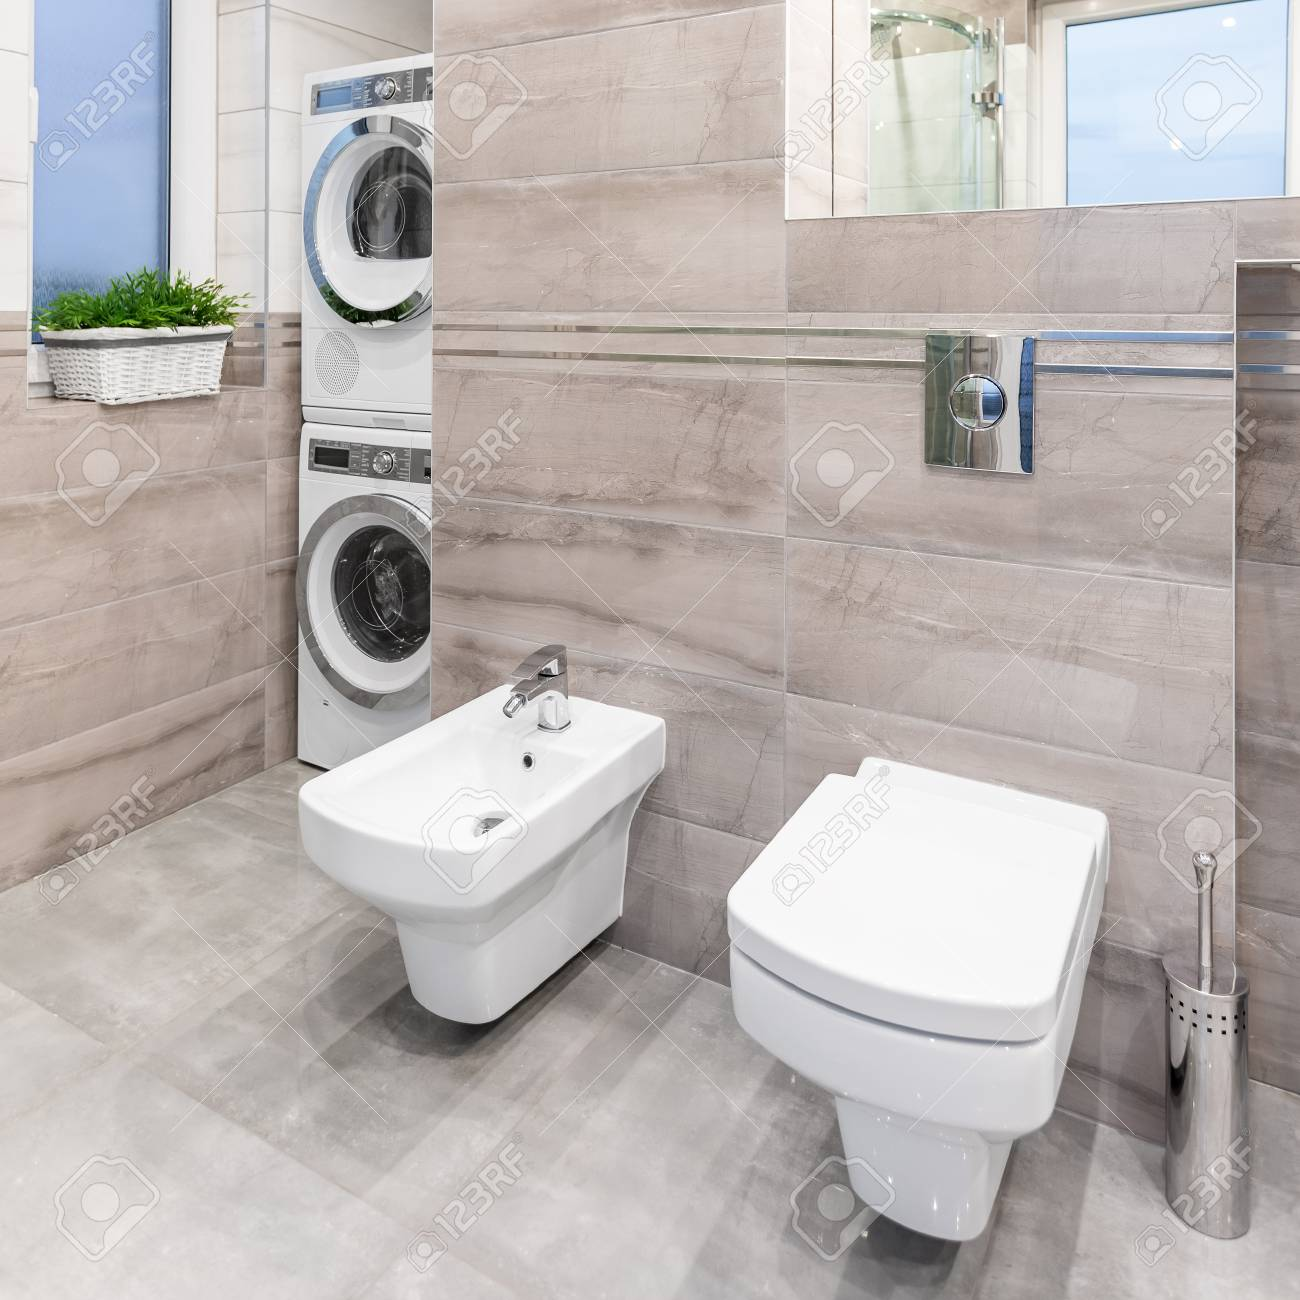 Petite Salle De Bain Avec Laveuse Secheuse ~ salle de bain beige avec miroir toilette bidet laveuse et